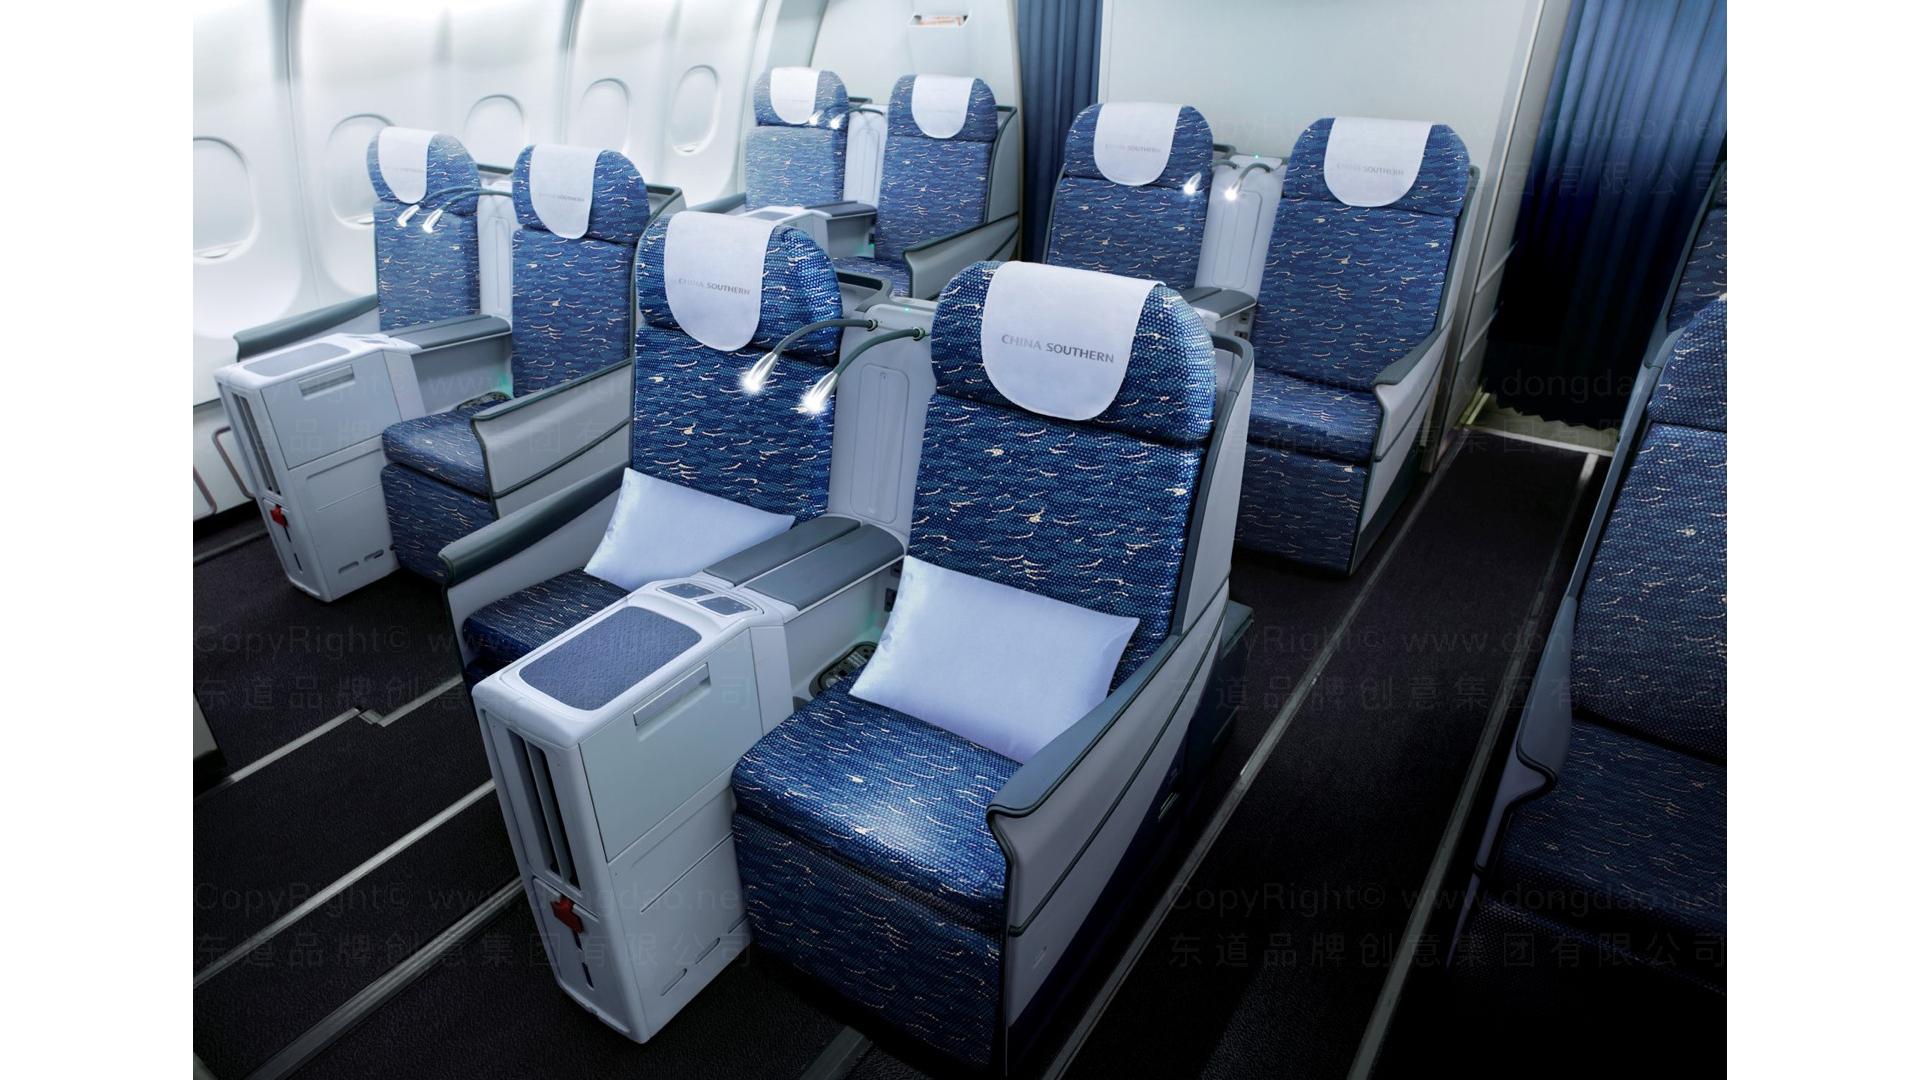 商业空间&导示南方航空三舱设计应用场景_3